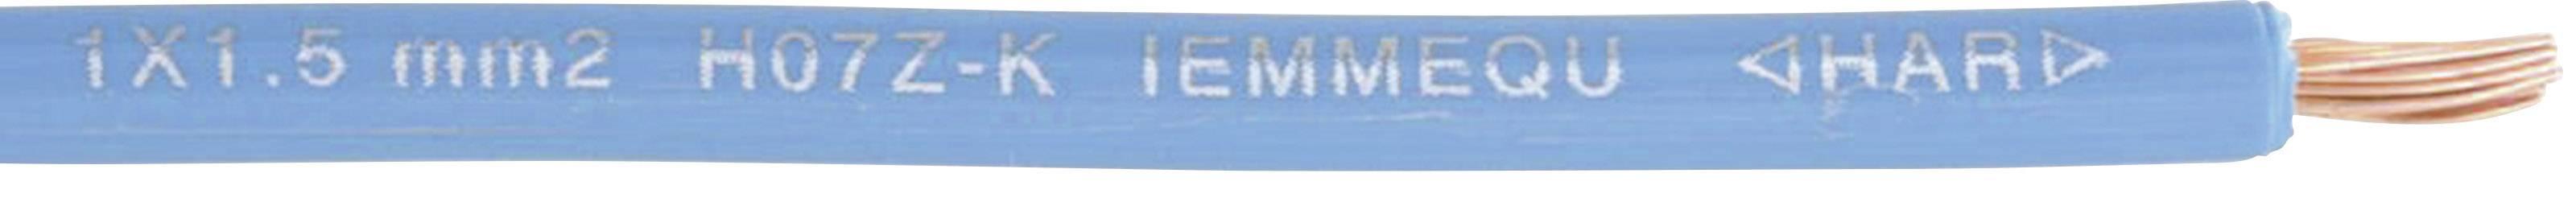 Pletenica H07Z-K 1 x 16 mm, temno modra Faber Kabel 040337 cena za meter